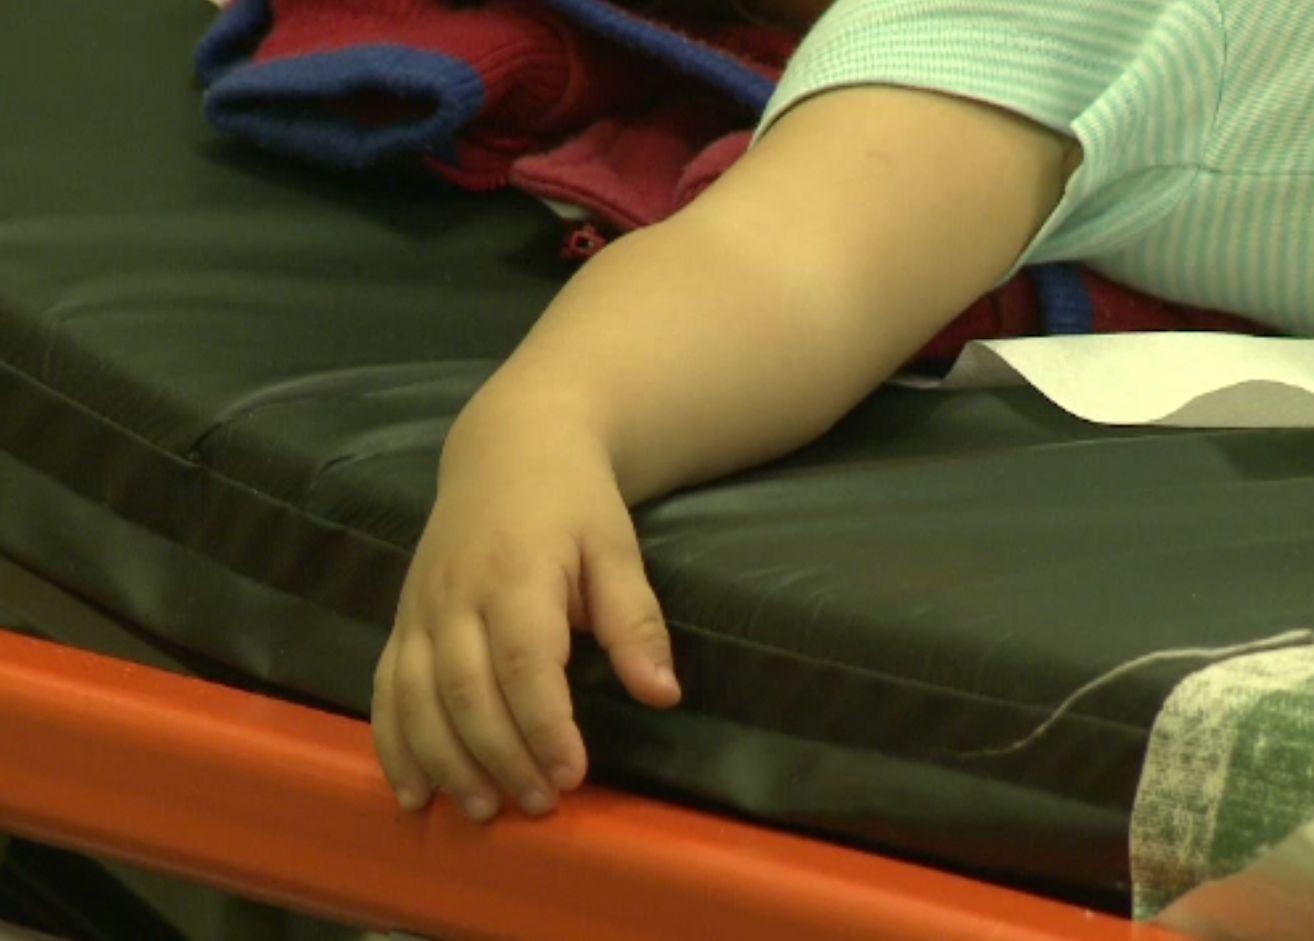 Femeia care și-a lăsat copilul să moară infectat cu viermi le-a spus judecătorilor că nu l-a îngrijit din silă